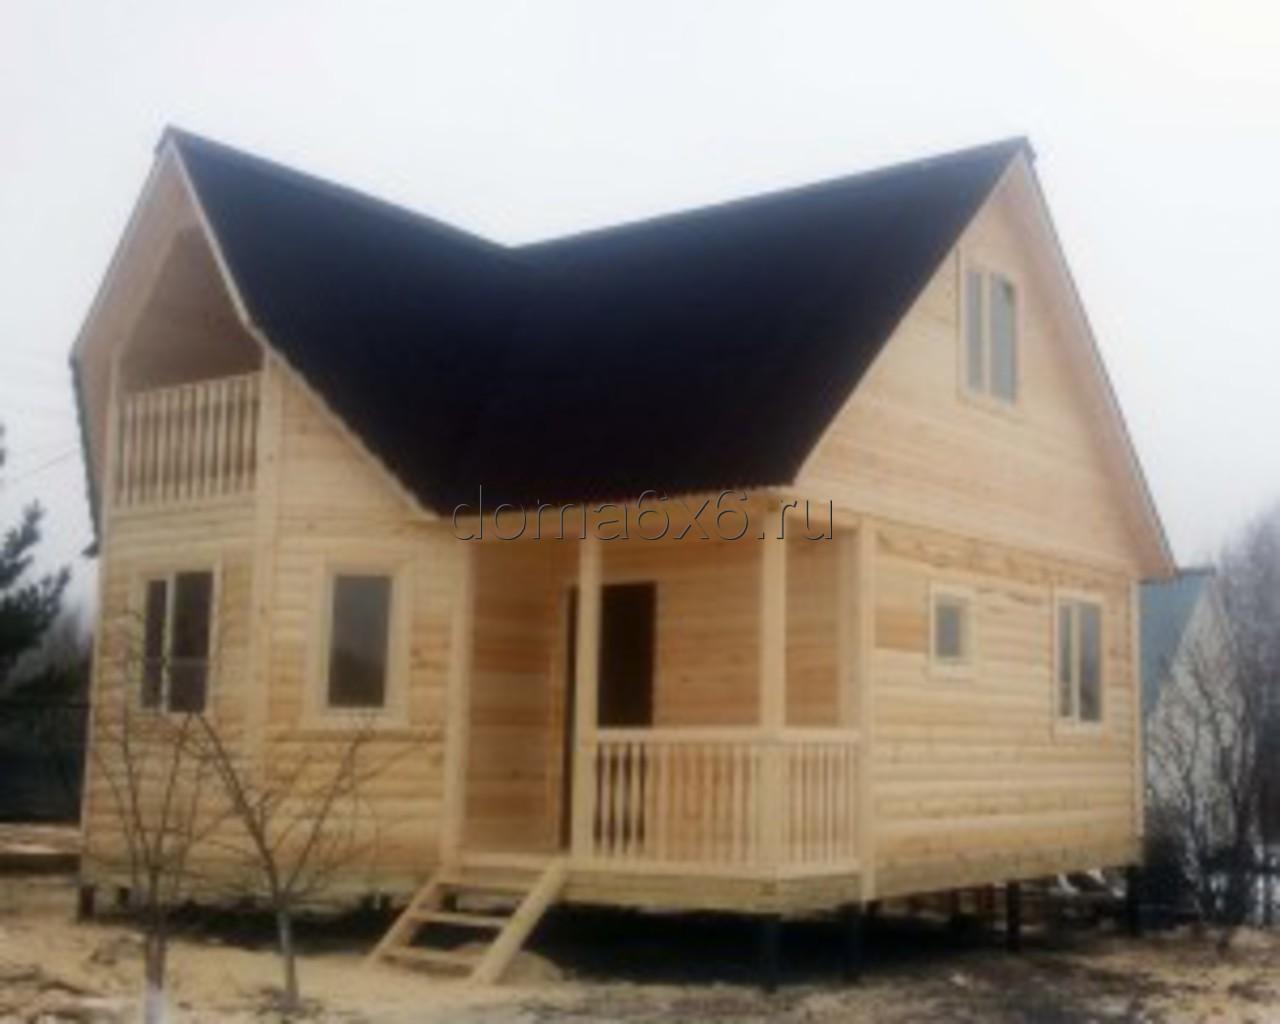 Строительство дома из бруса в Калуге - 1